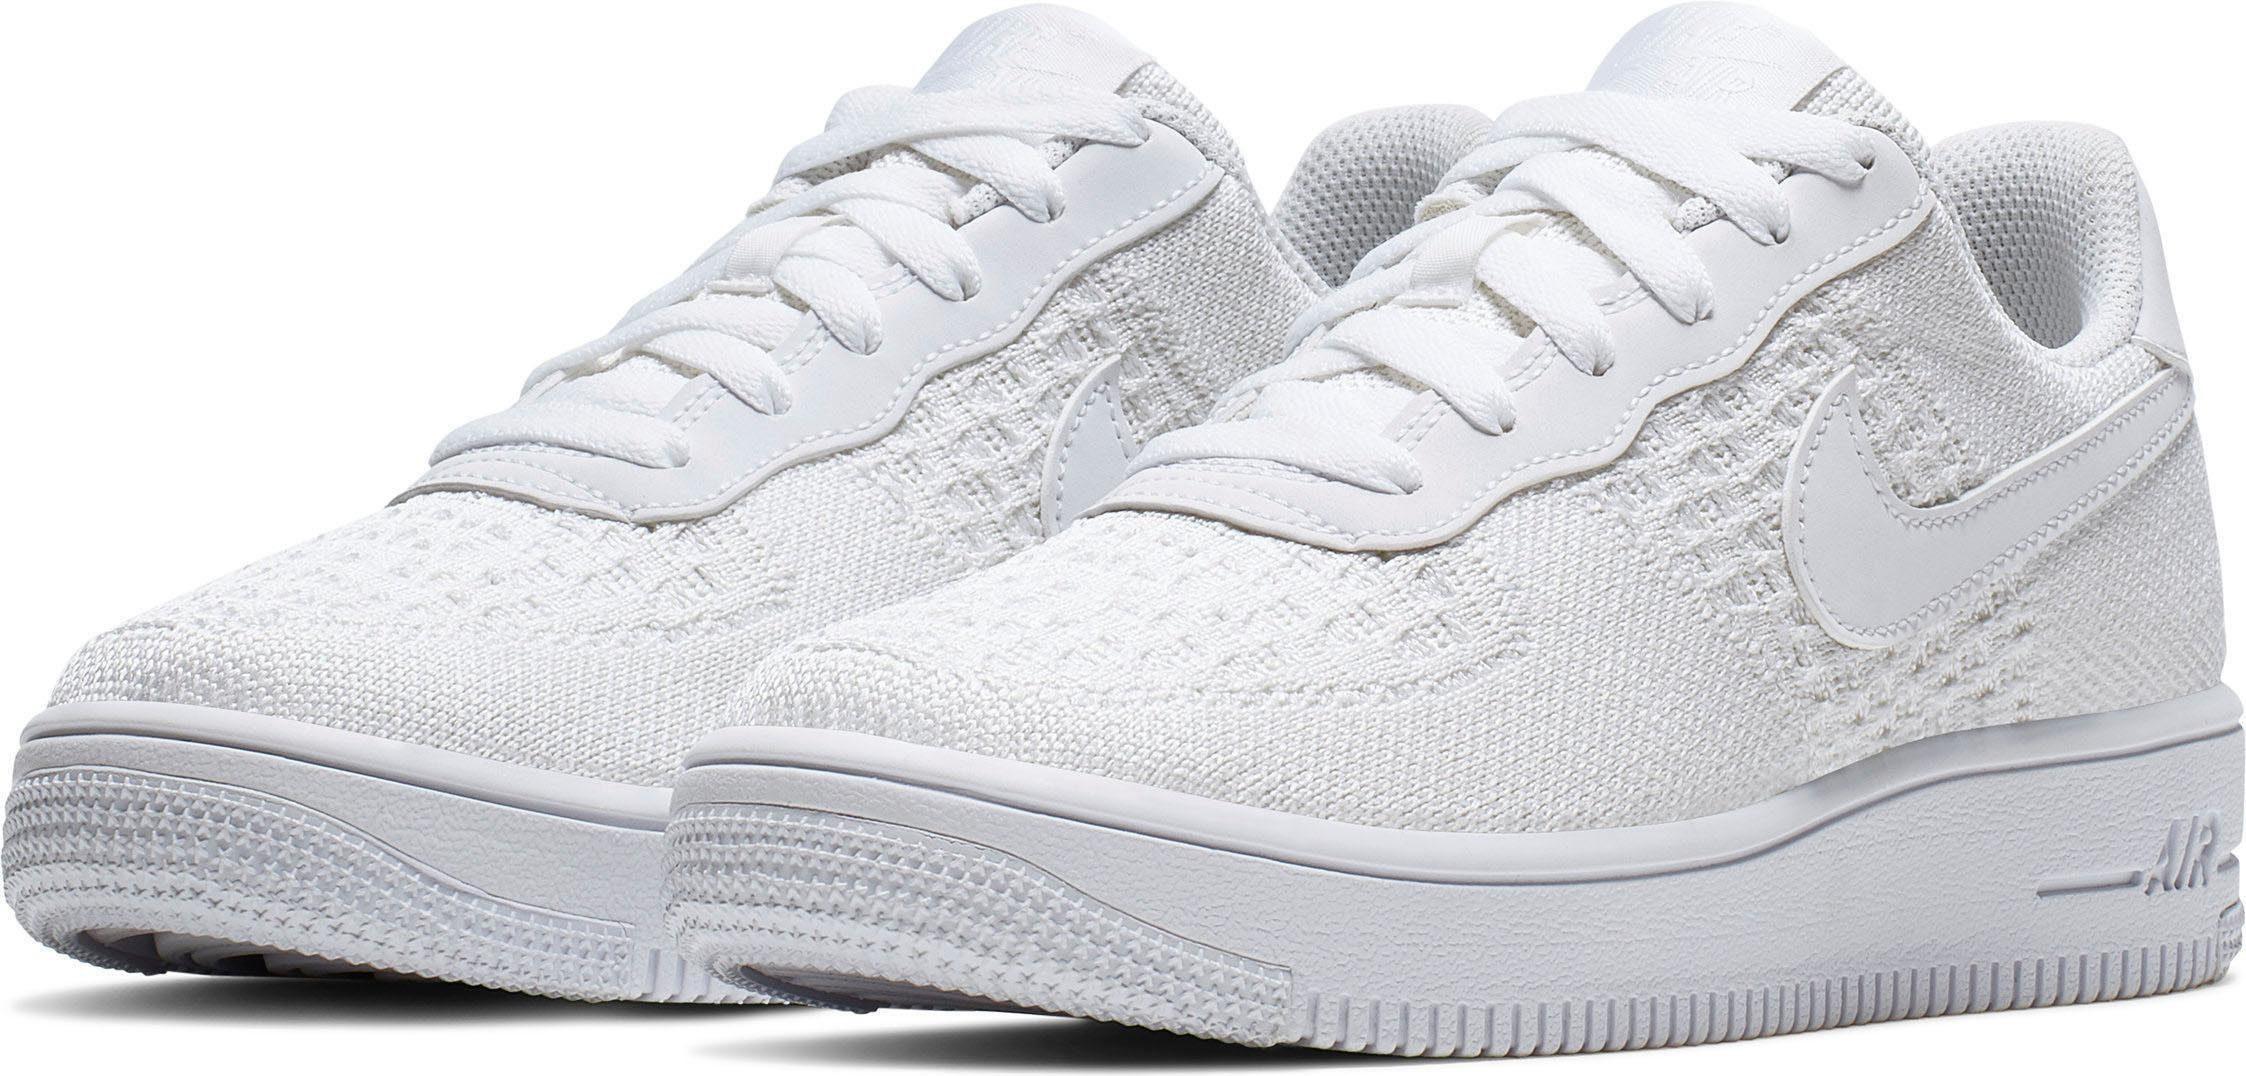 Nike Air Force 1 Flyknit 2.0 Herren Sneaker